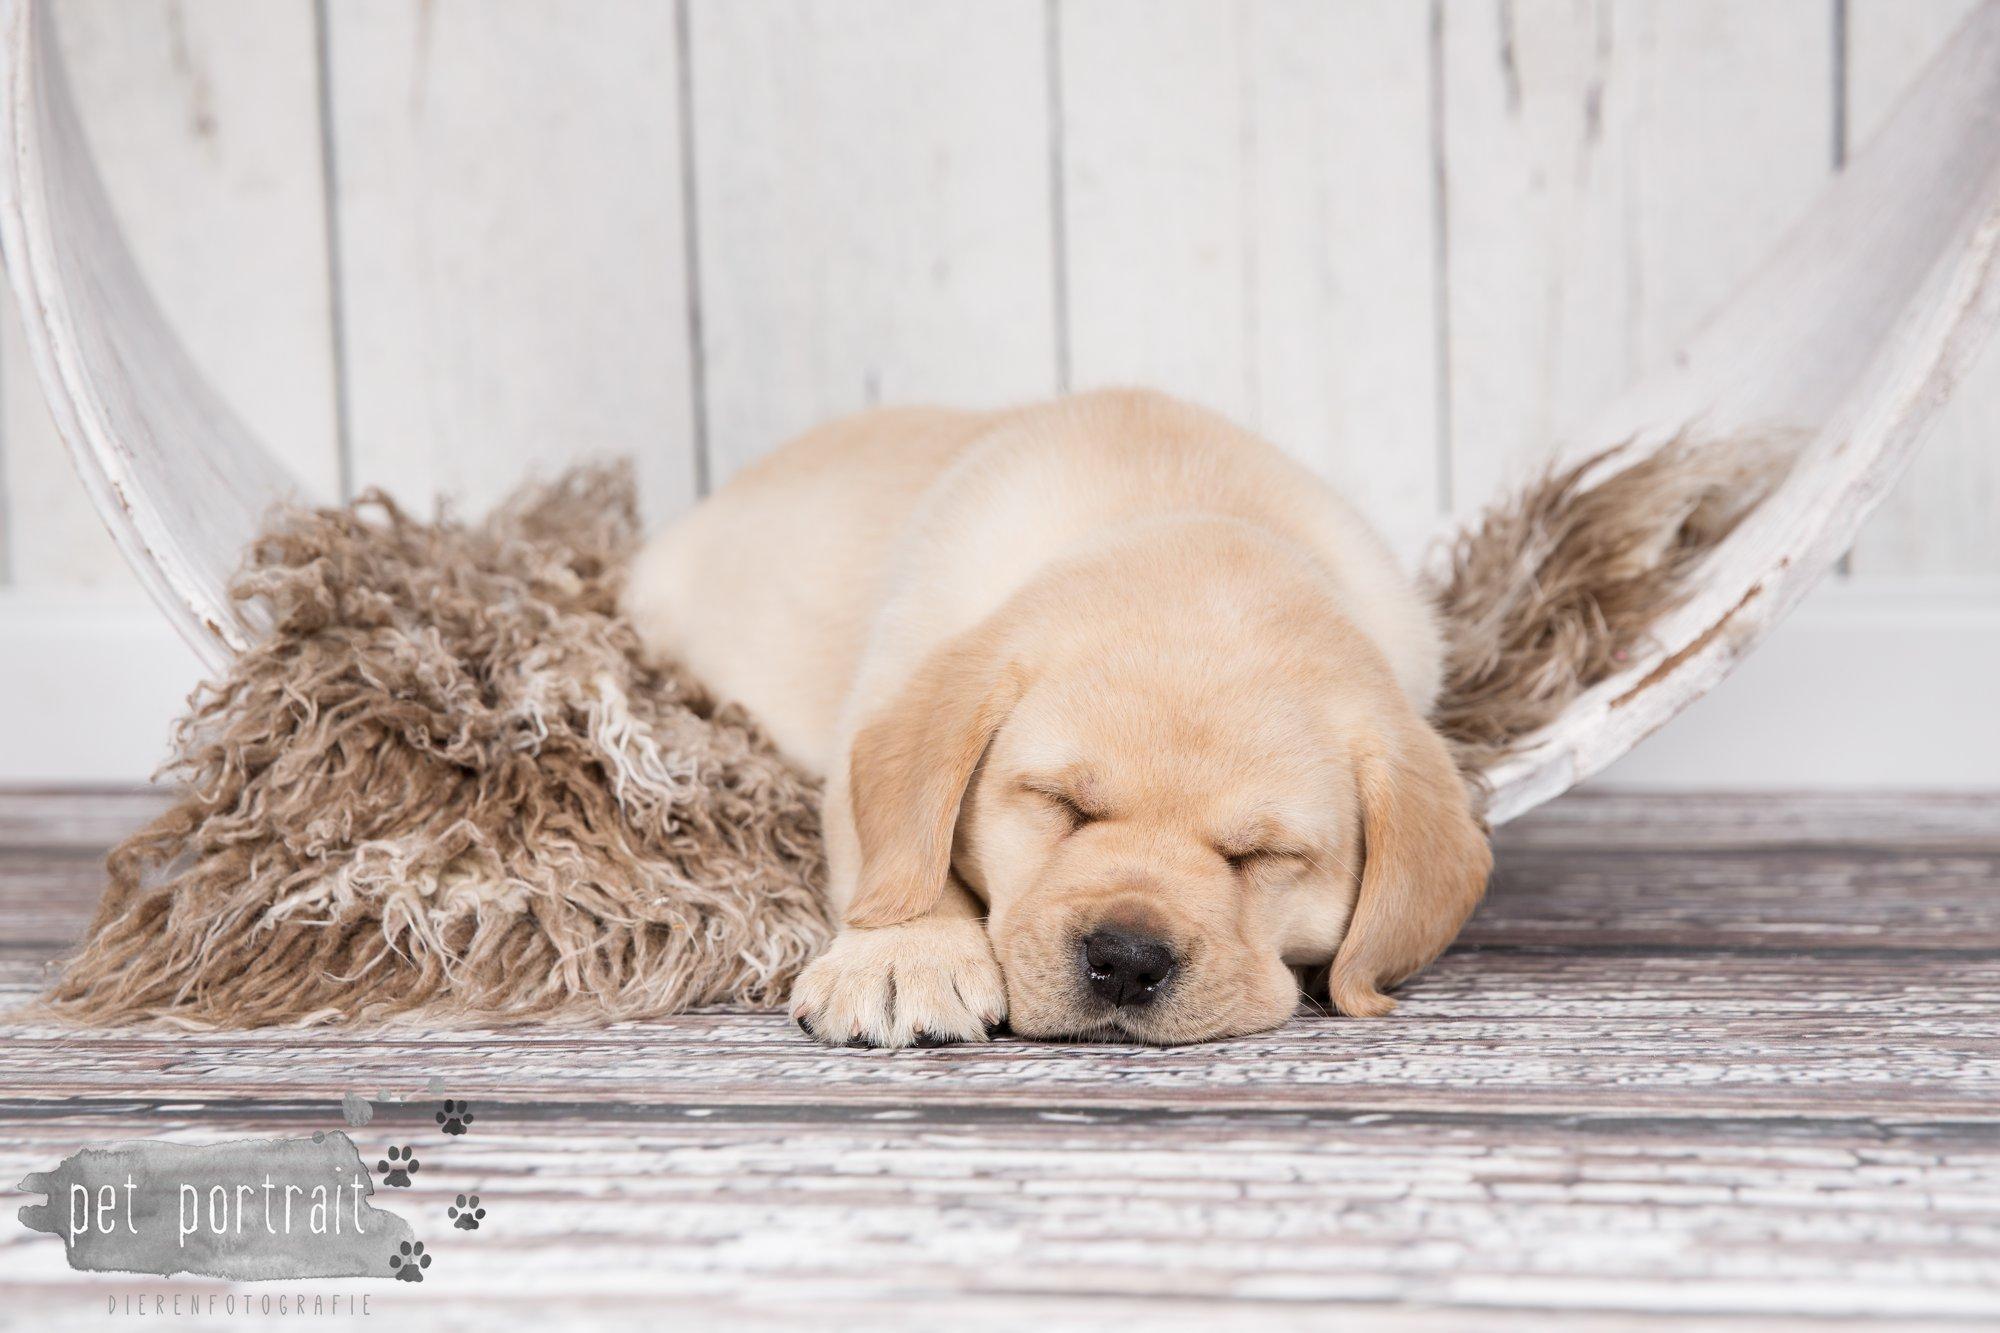 Hondenfotograaf Hillegom - Nestfotoshoot voor Labrador pups-32